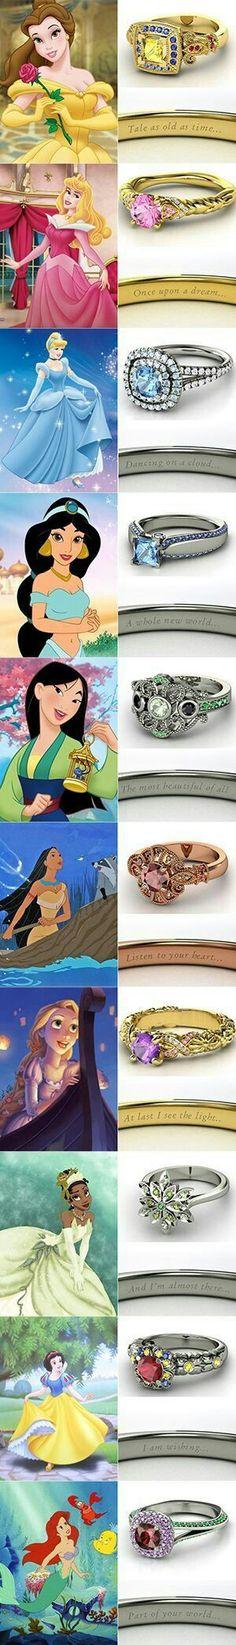 So pretty rings